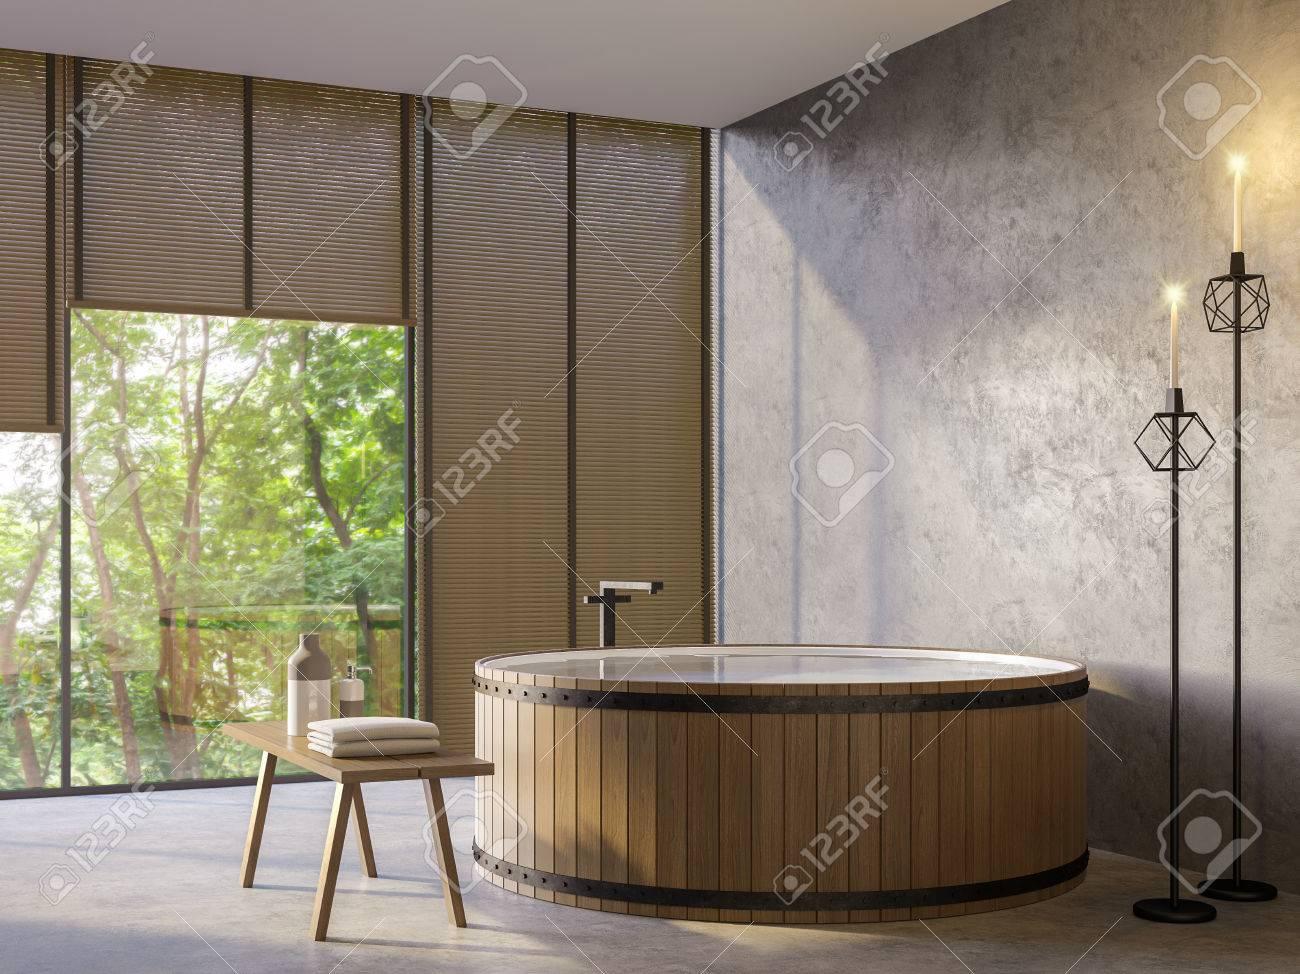 Loft-Stil Badezimmer Mit Blick Auf Die Natur 3D-Rendering-Bild ...